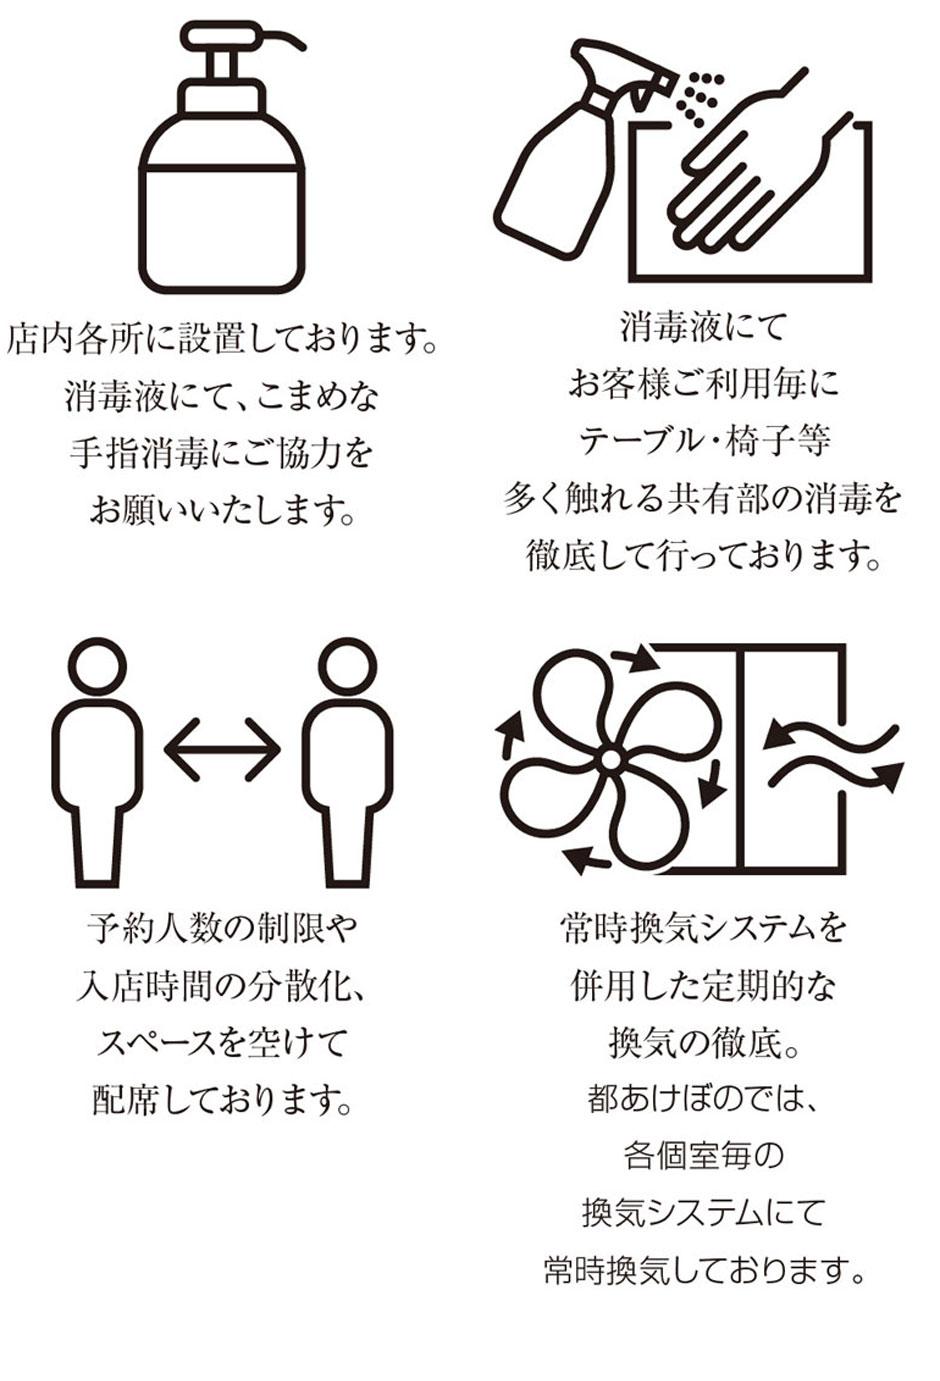 taisaku2.2a_940